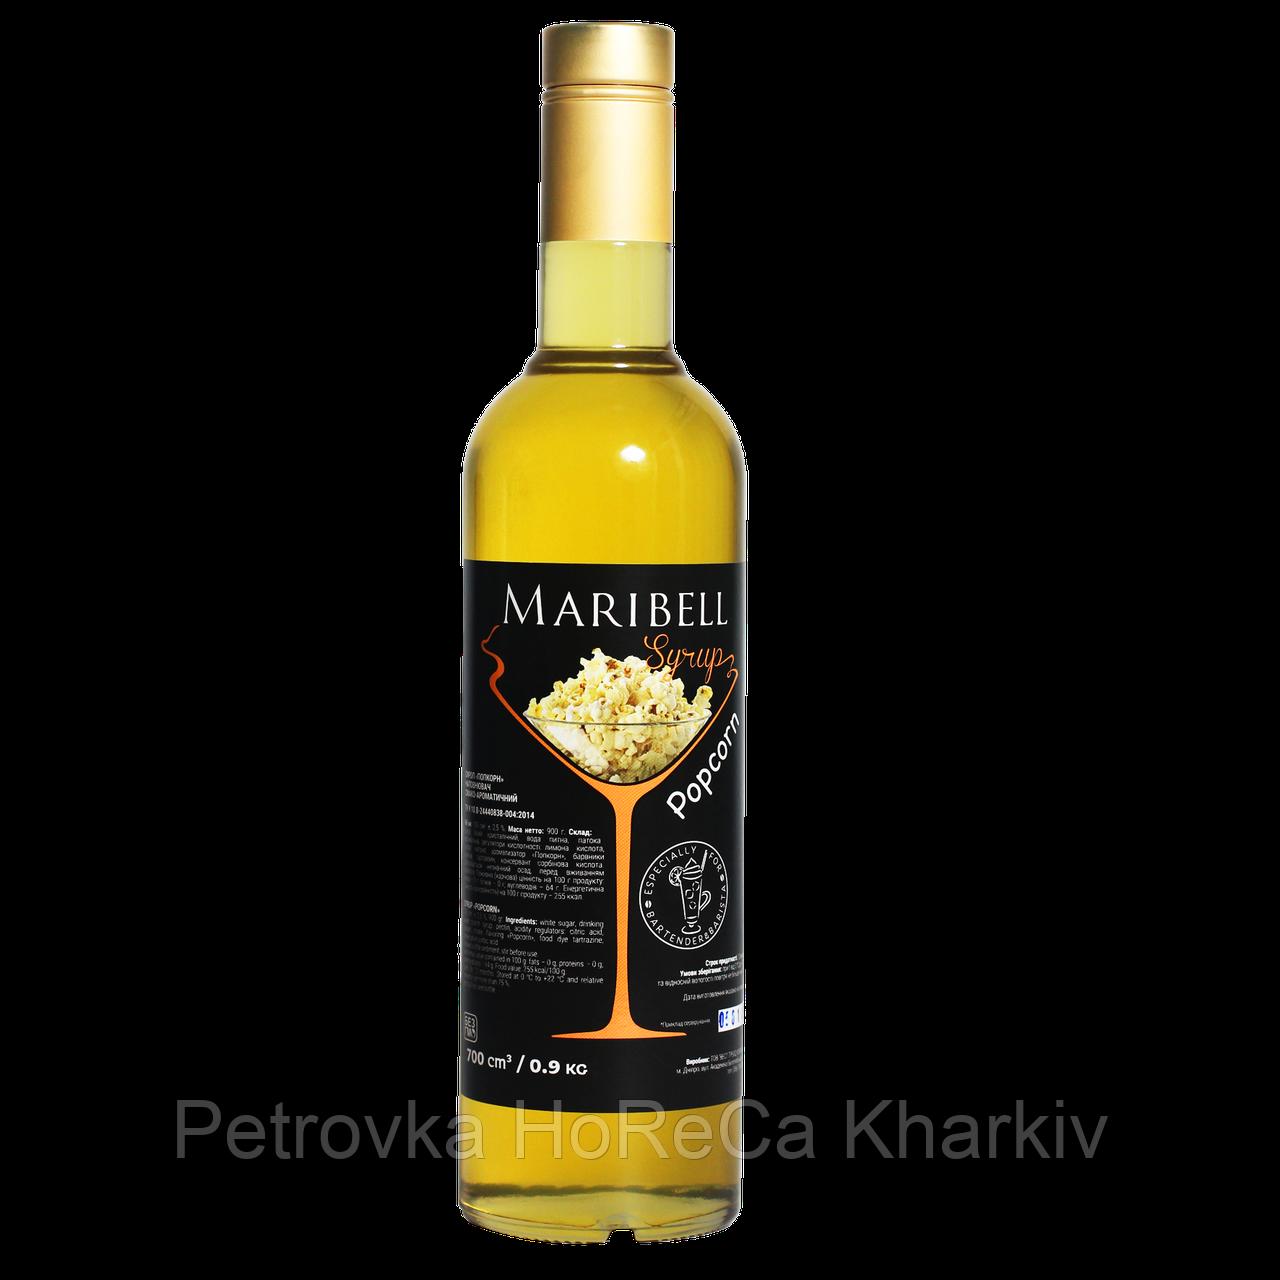 """Сироп Марибелл """"Поп-Корн"""" для коктейлей, 700мл"""